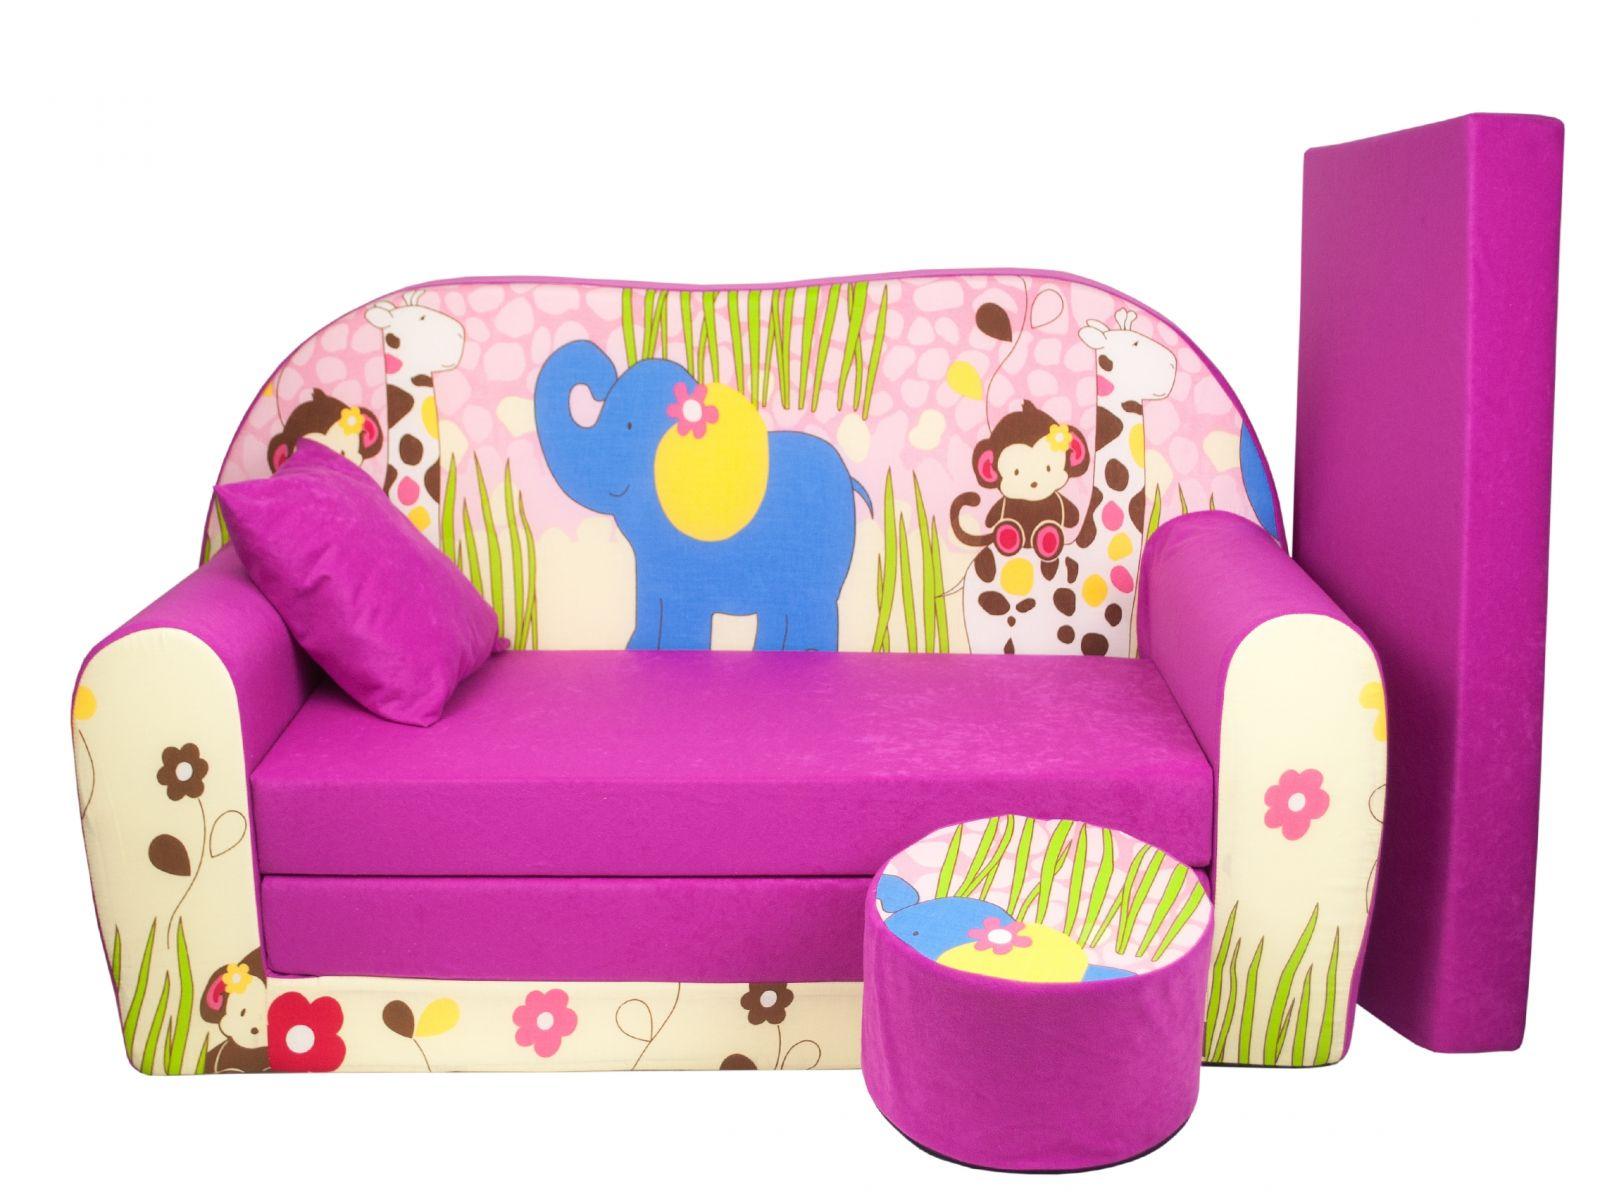 Fimex Dětská rozkládací pohovka + taburet Zoologická růžová